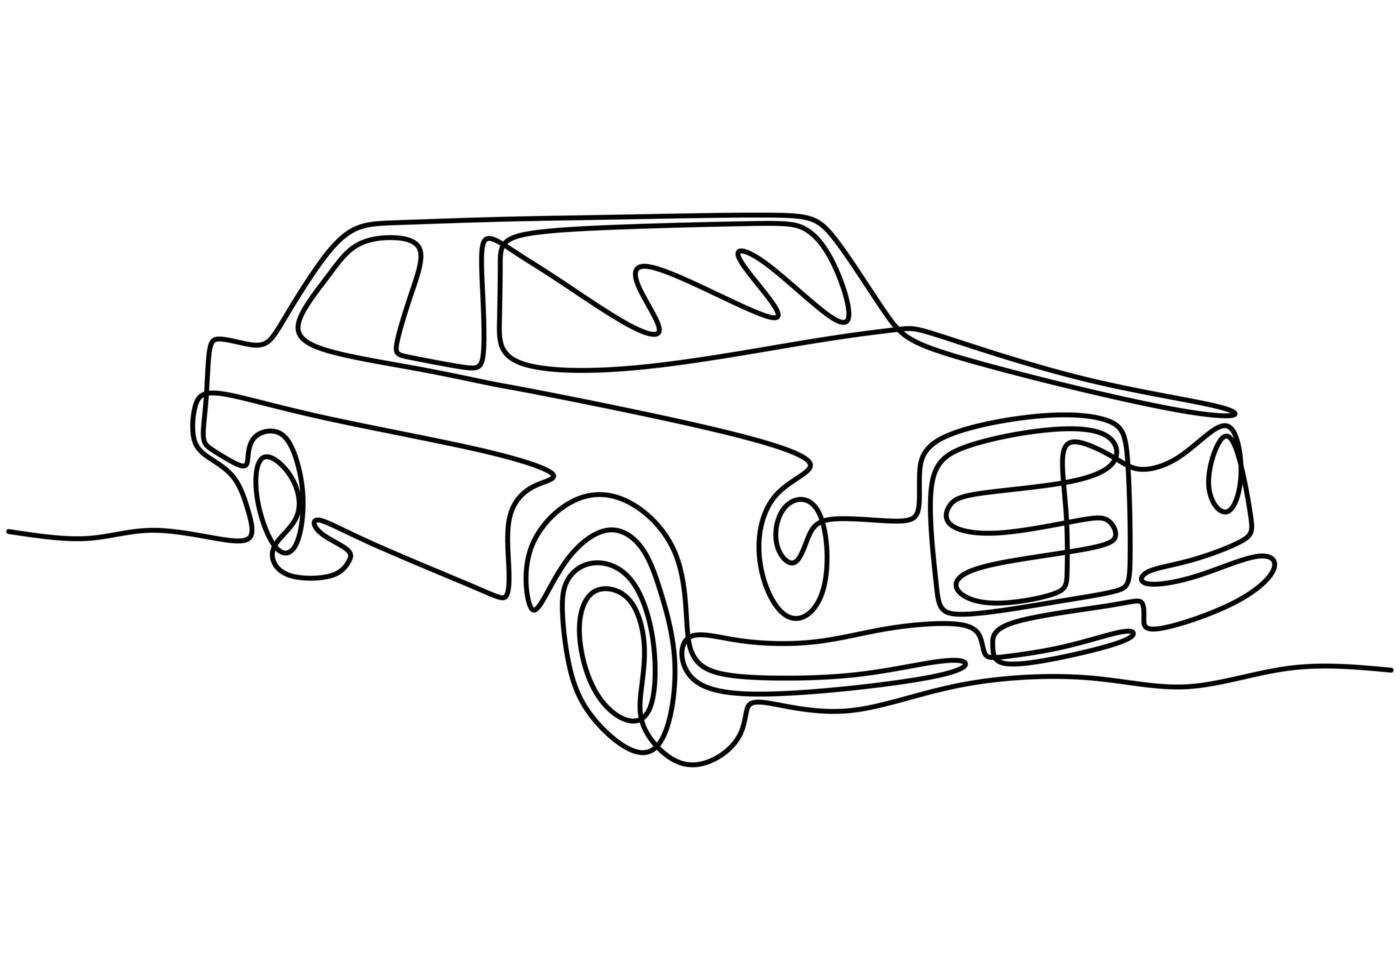 un dibujo de una sola línea del viejo auto retro vintage. concepto de vehículo de transporte clásico. conducción de coches de carreras de época en una carretera polvorienta. ilustración de diseño de dibujo de línea continua vector